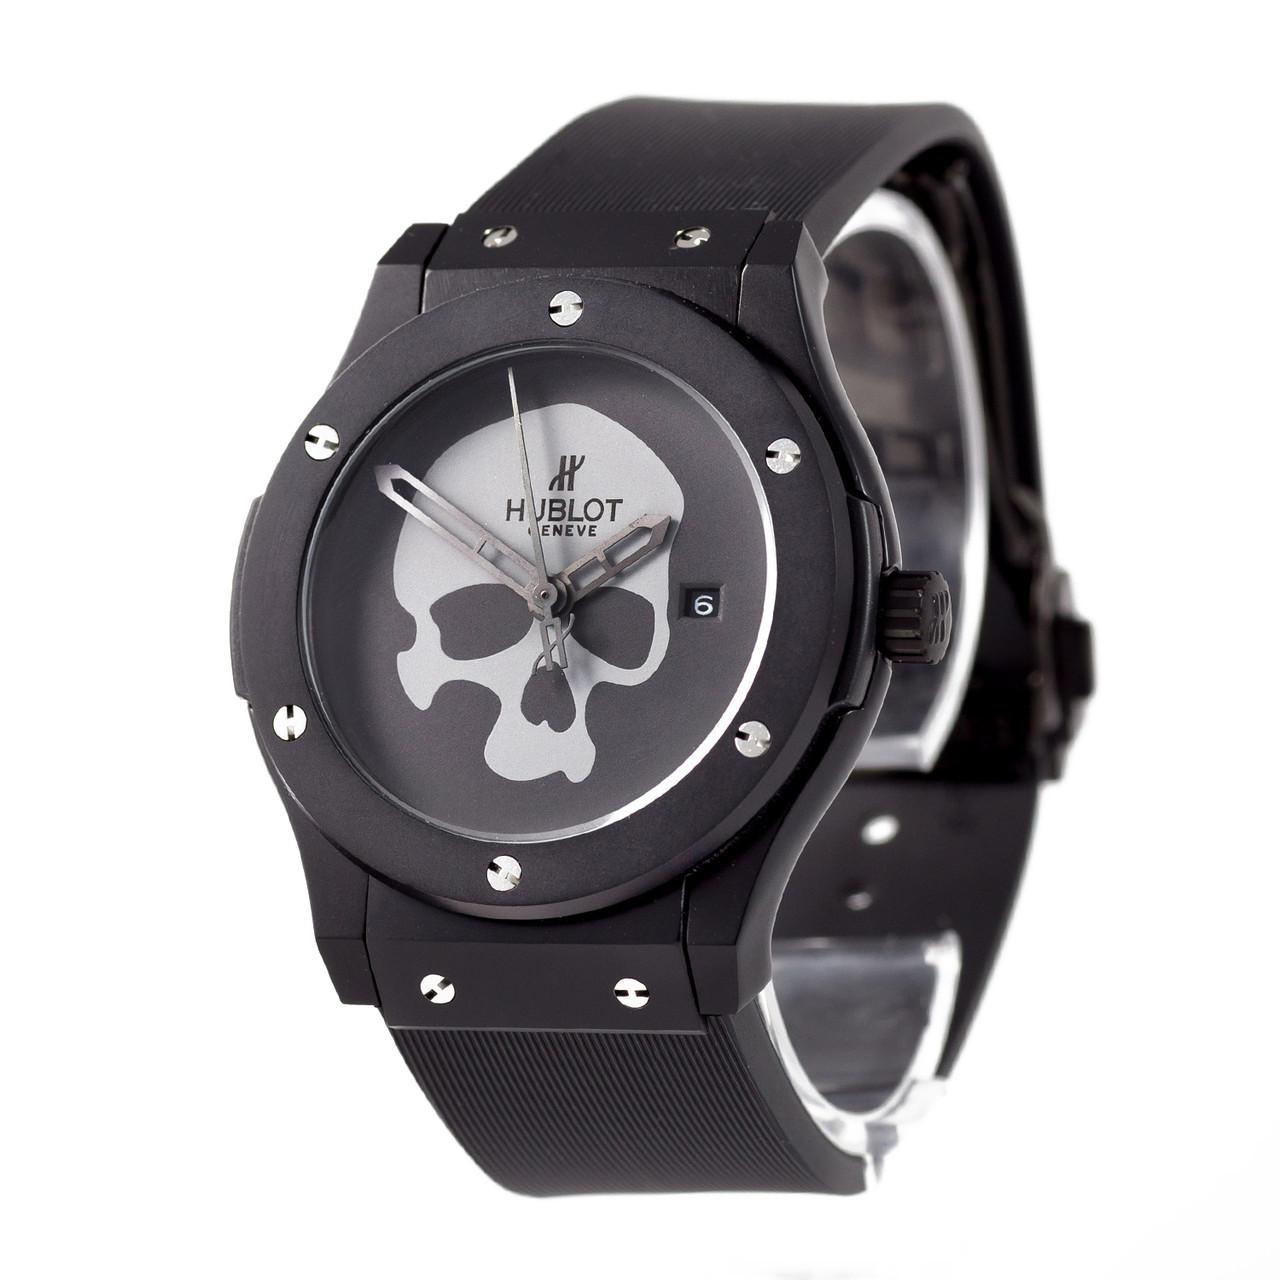 2a144445 Мужские наручные часы Hublot Skull Bang , цена 249 грн., купить в ...